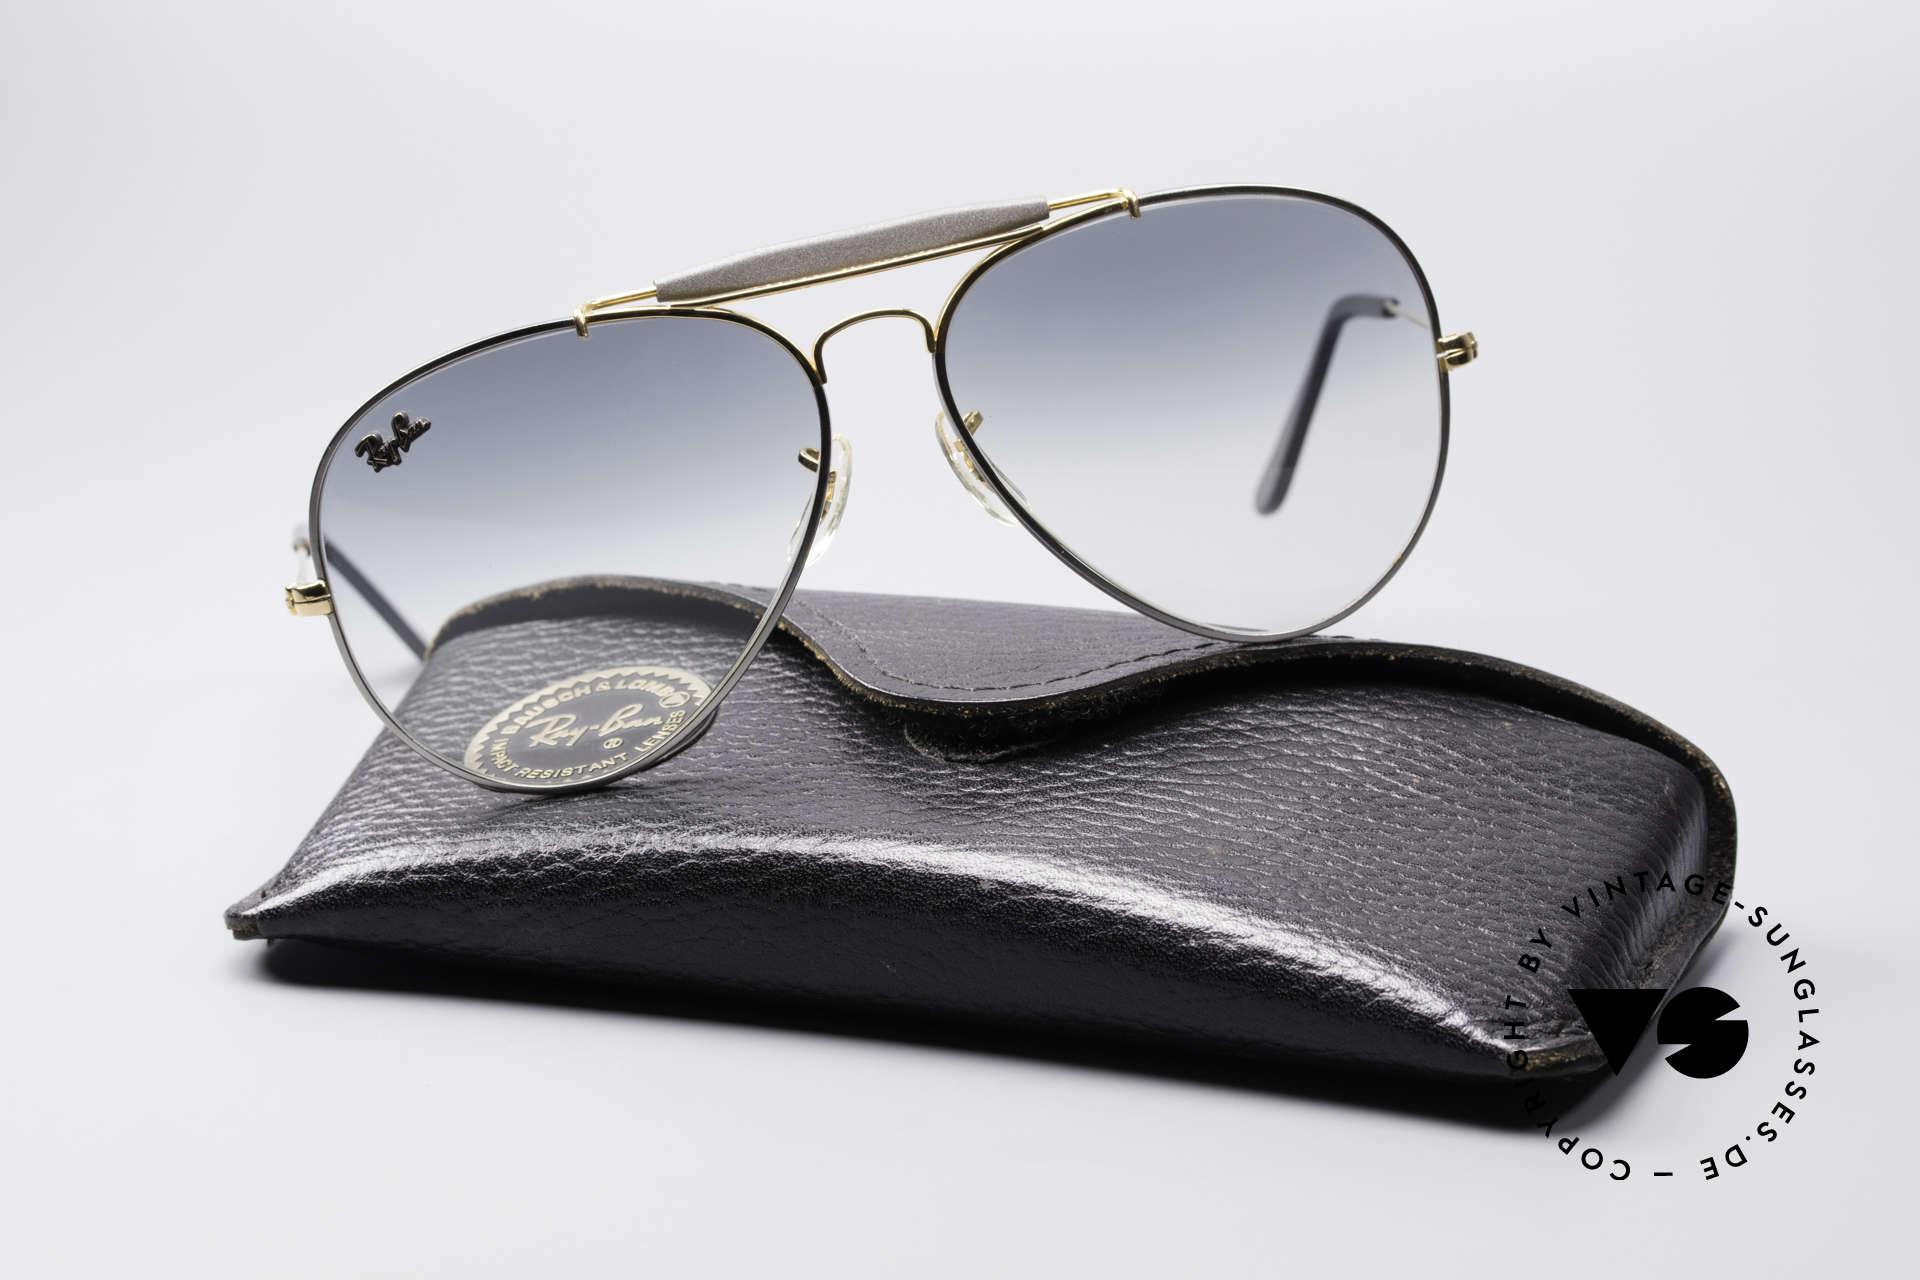 b61dd84a7ee5d Sonnenbrillen Ray Ban Outdoorsman II Precious Metals Titanium   Vintage  Sunglasses